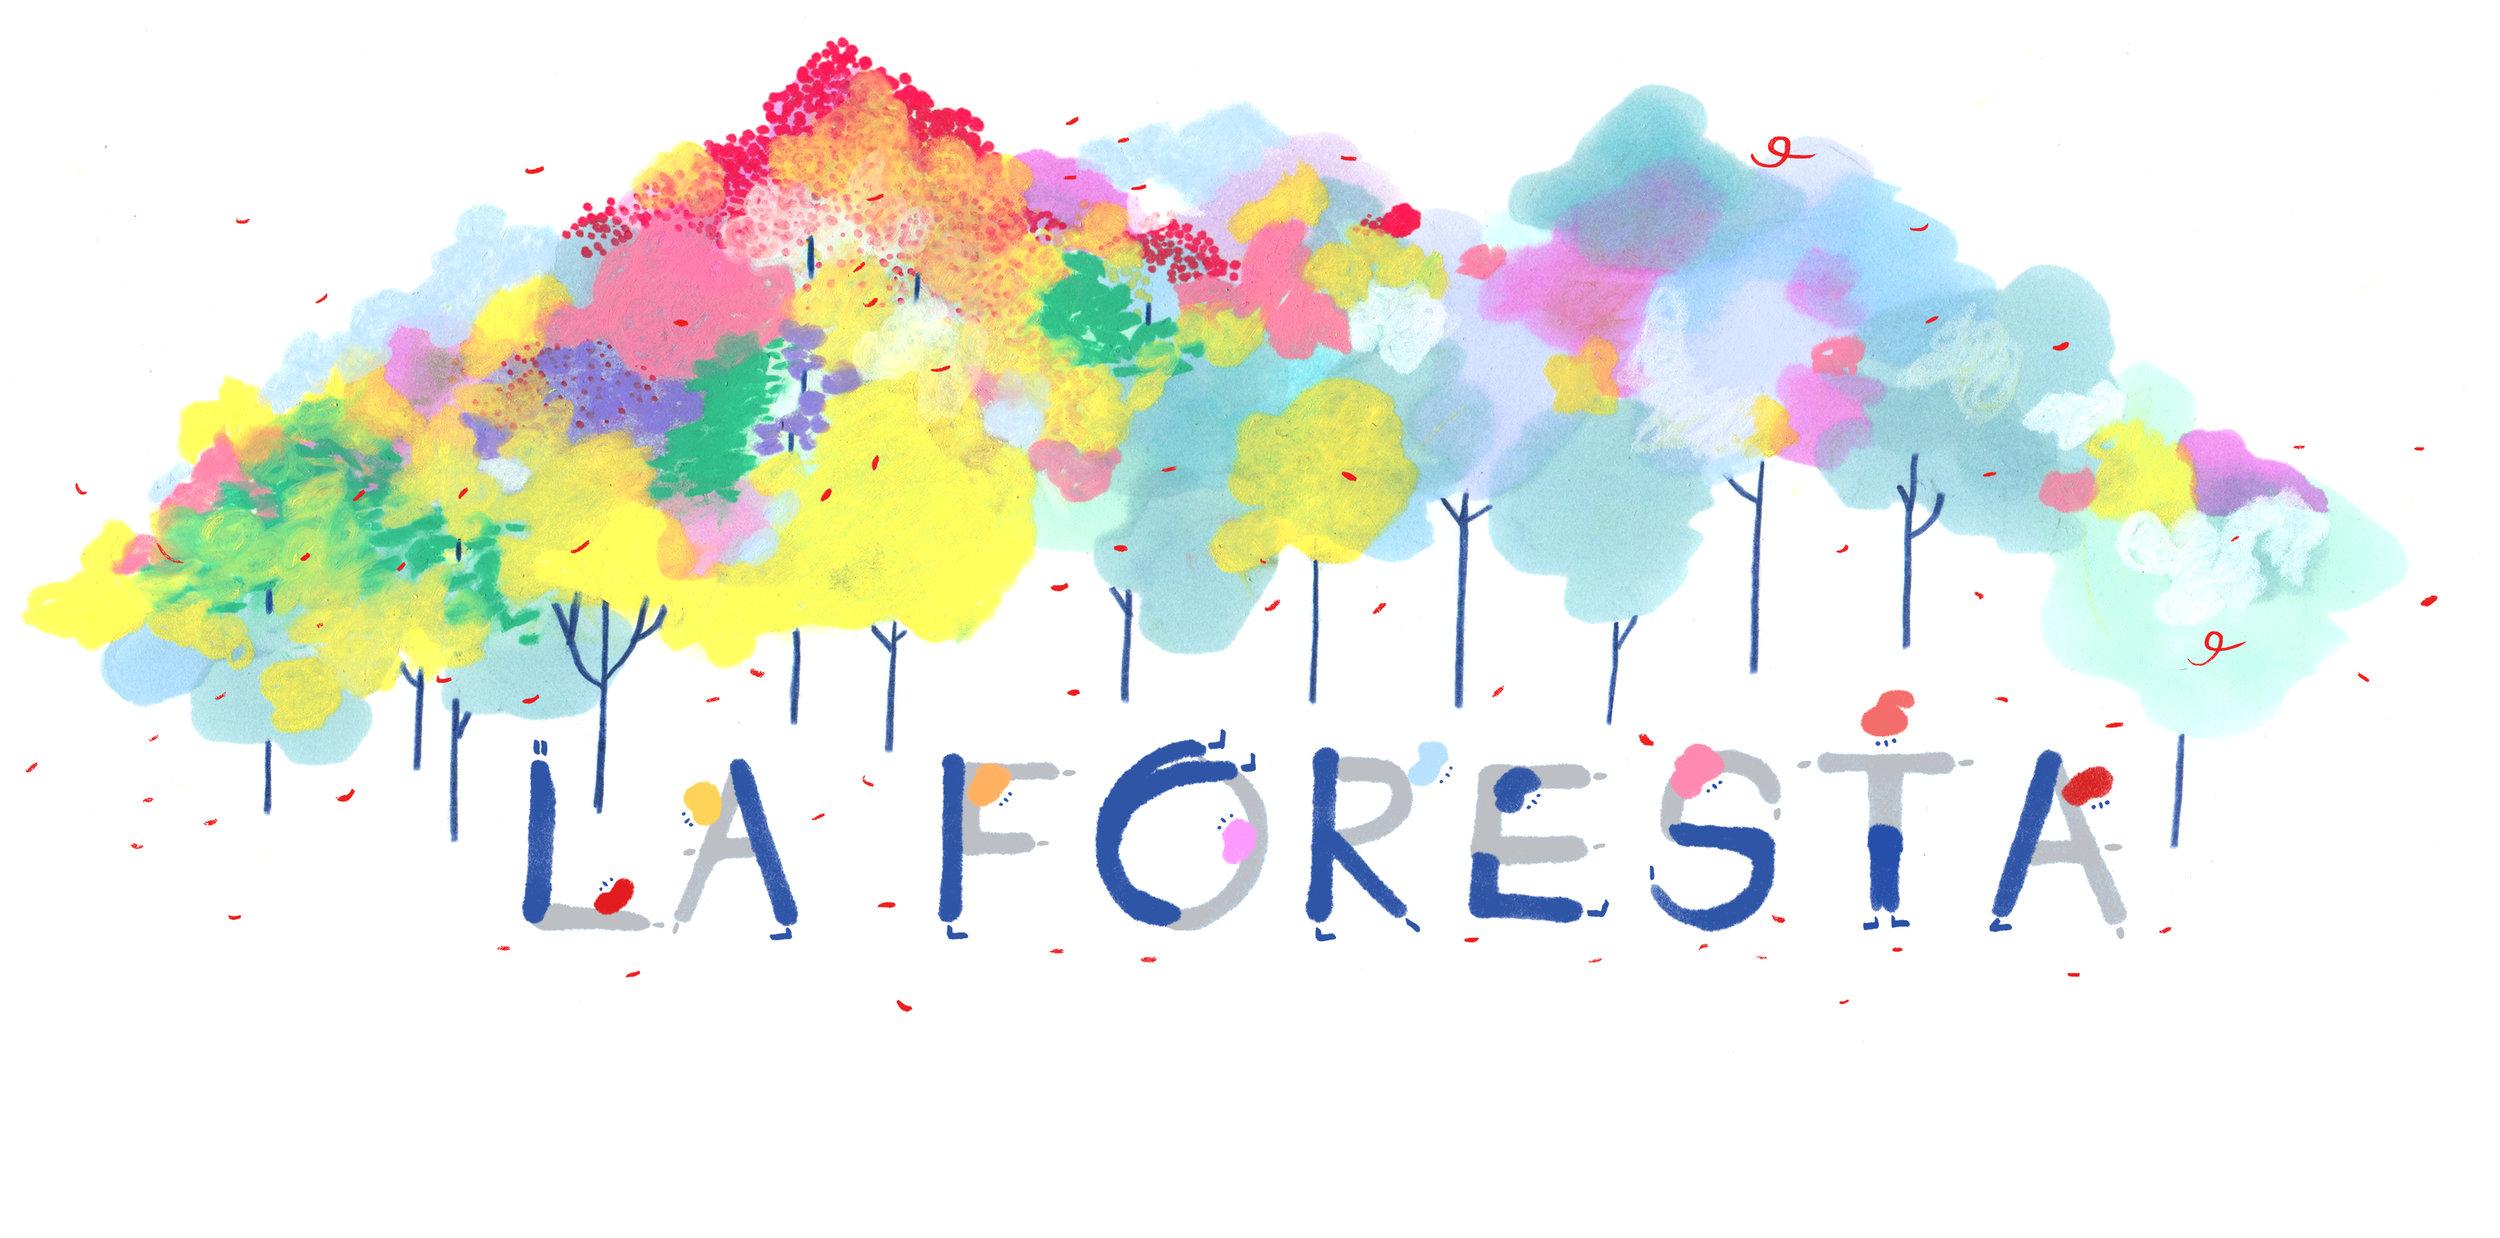 carolina celas la foresta